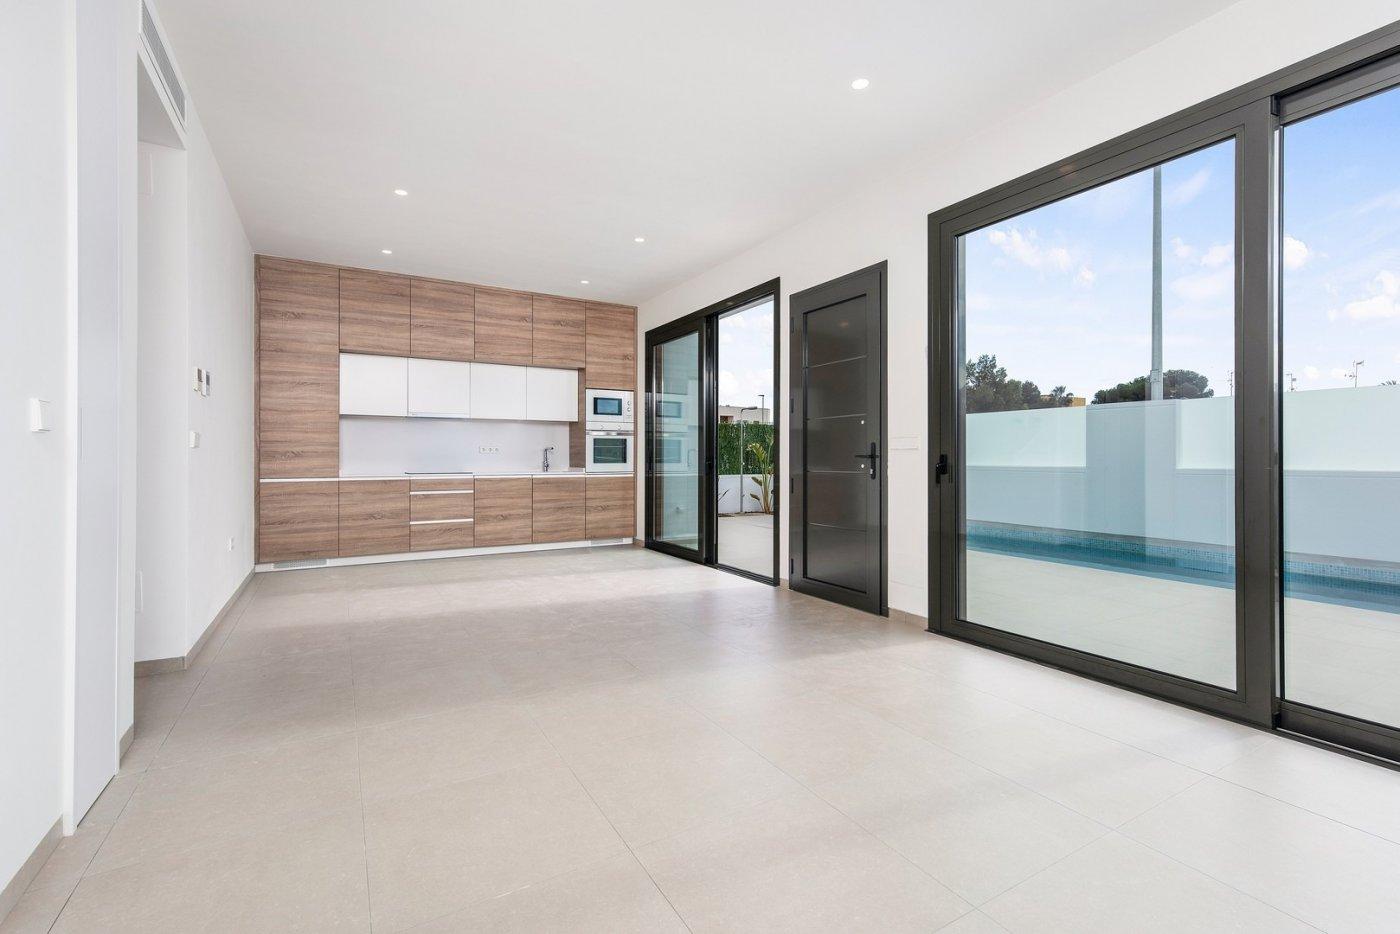 Villas nuevas con piscina privada y solarium a 700m de la playa !!! - imagenInmueble4